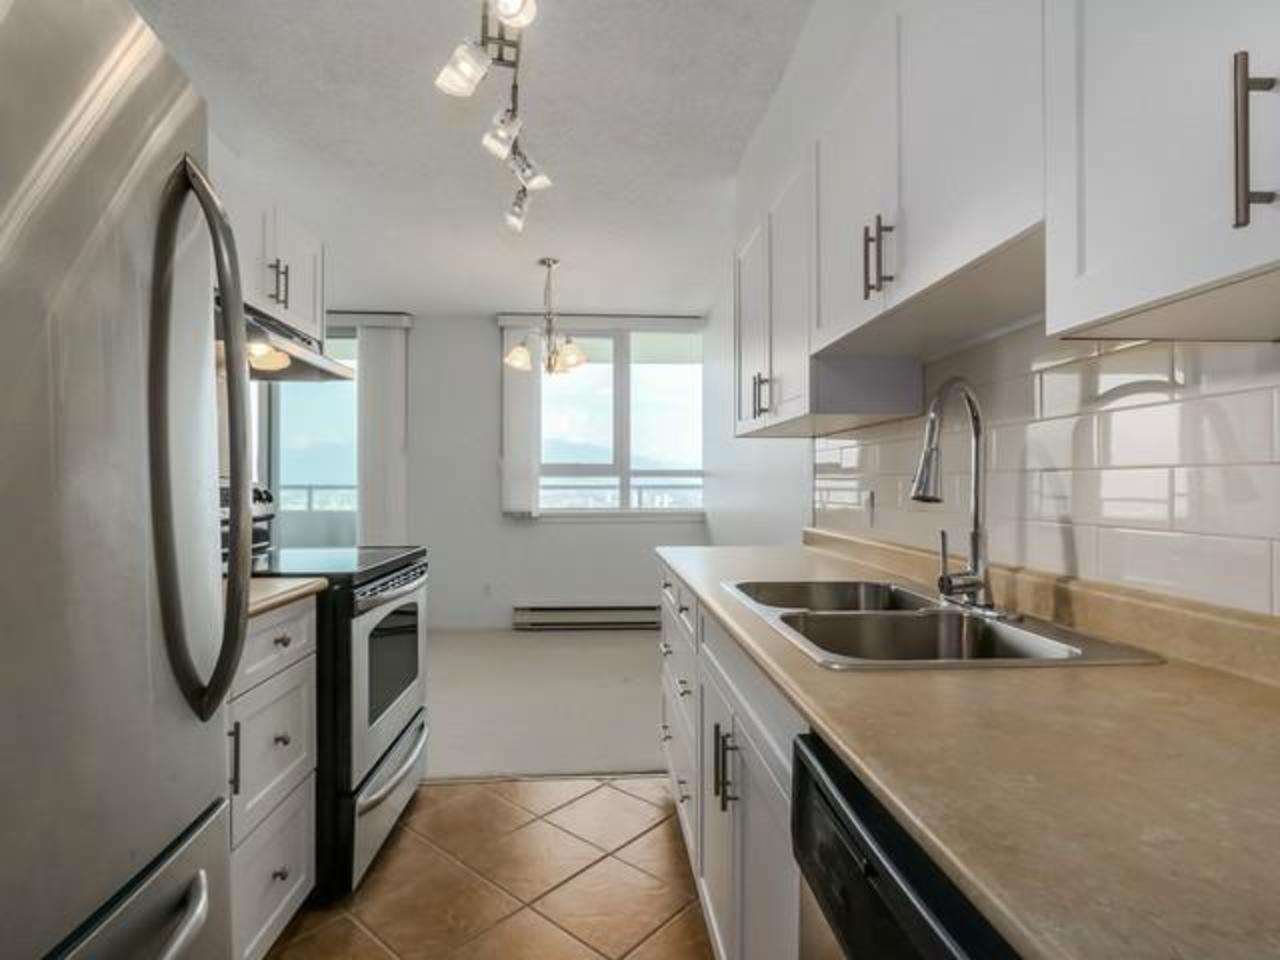 Kitchen at 2105 - 4160 Sardis,